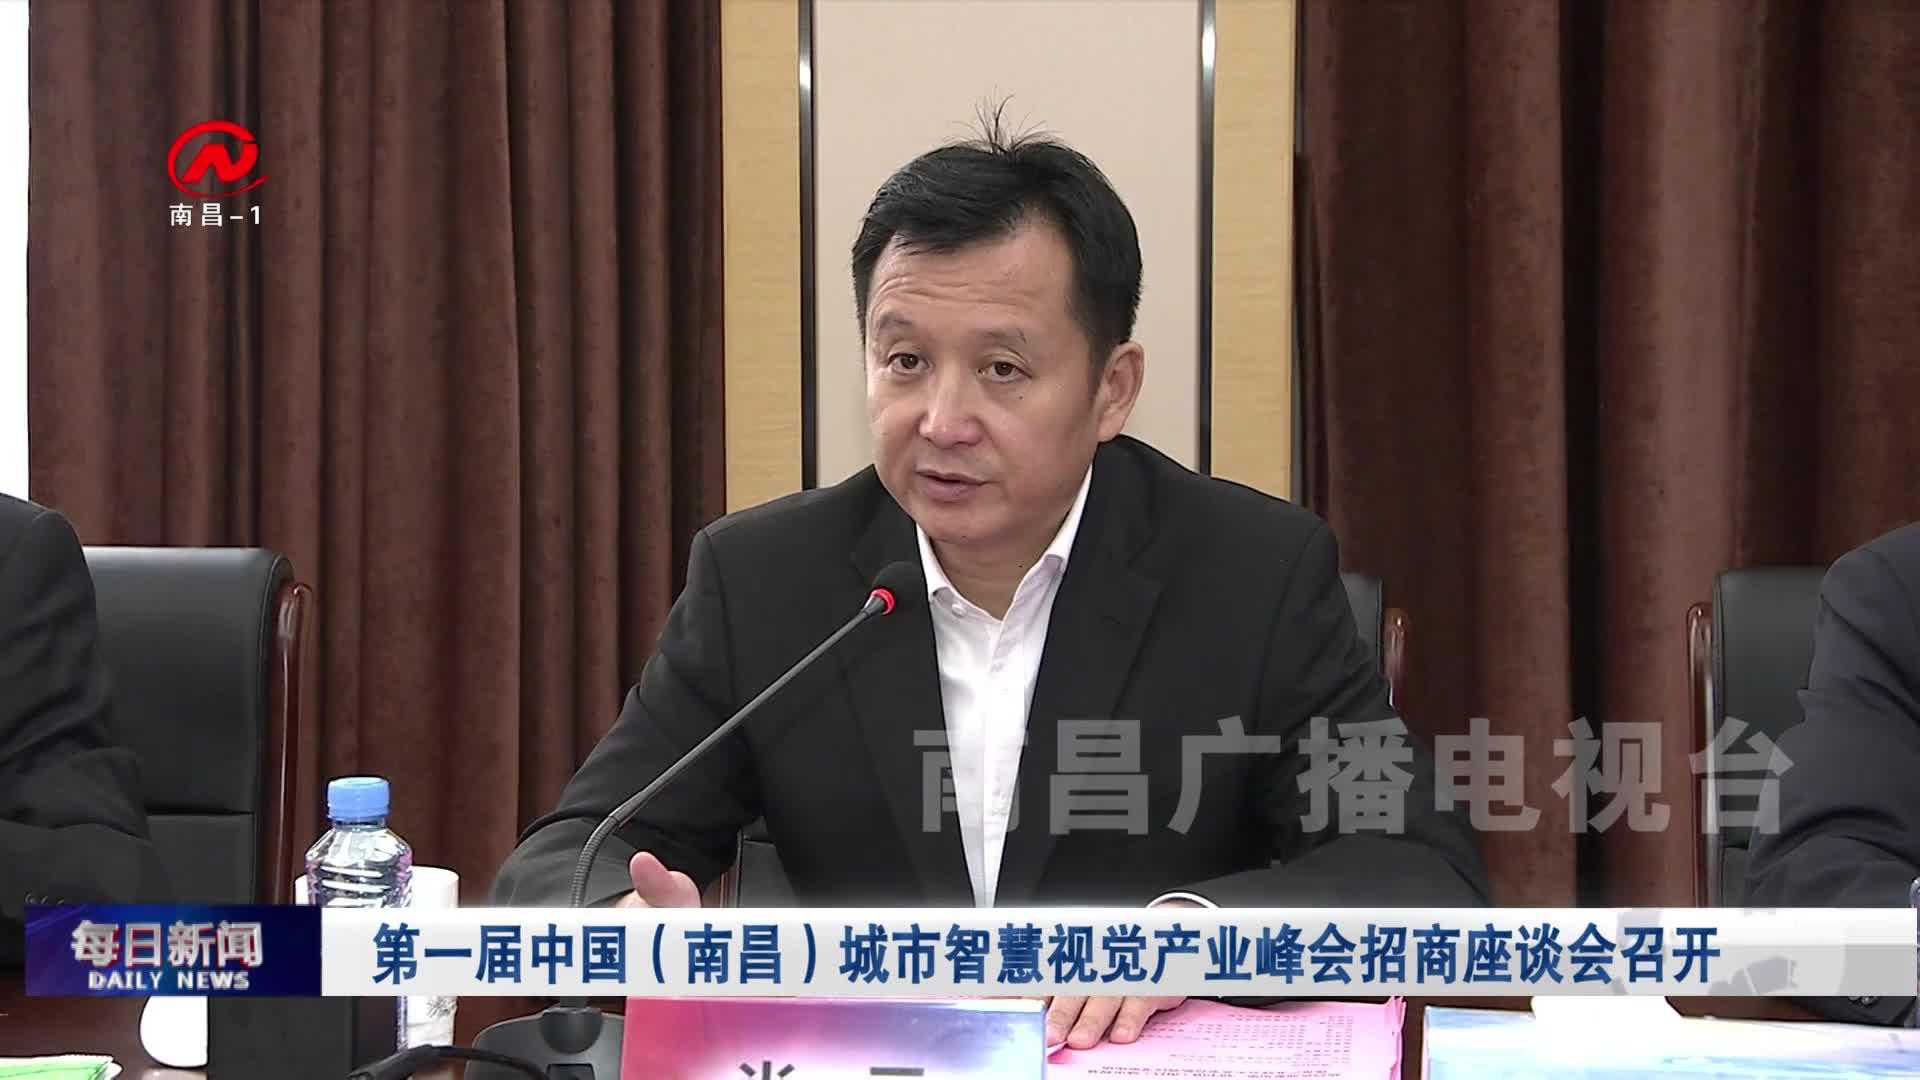 第一届中国(南昌)城市智慧视觉产业峰会招商座谈会召开